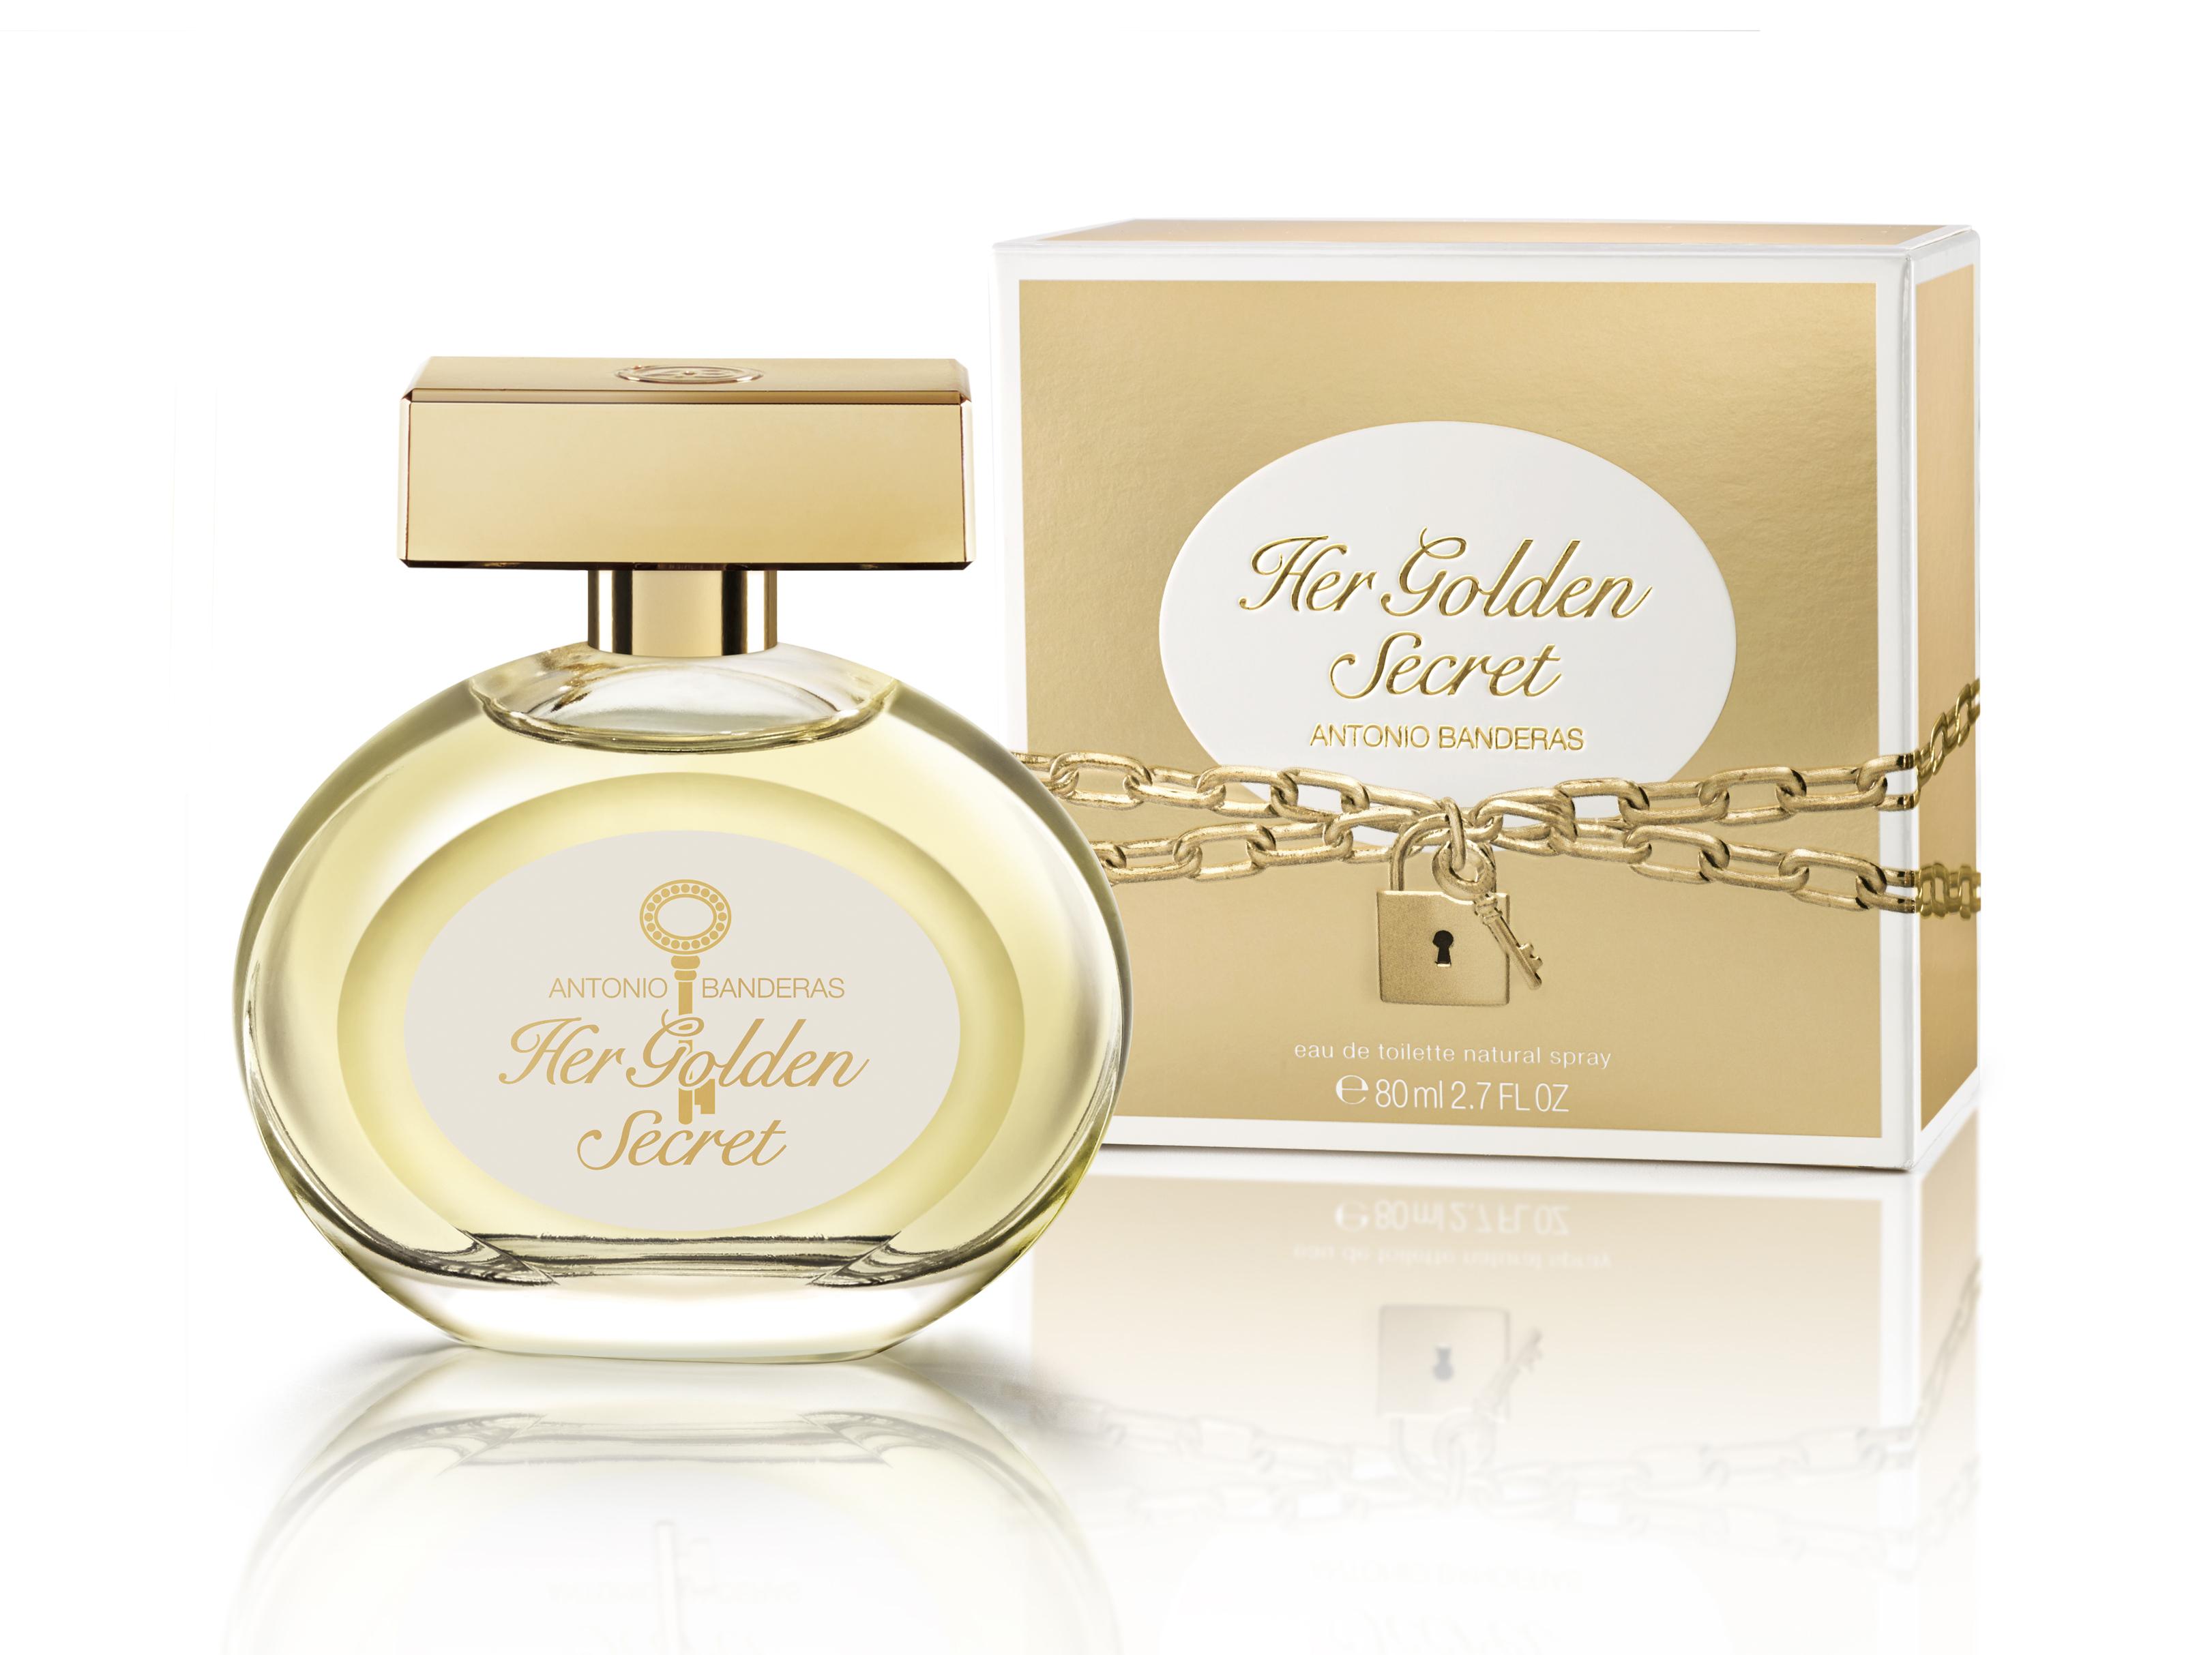 Antonio Banderas Туалетная вода Her Golden Secret, 50 мл65072324Antonio Banderas Her Golden Secret - эликсир соблазнения, перед которым невозможно устоять… даже самому великому обольстителю... Есть женщины, чье обаяние не поддается объяснению. Кажется, что они излучают какую-то притягательную силу, владеют каким-то магическим секретом. Her Golden Secret создавался как своеобразный эликсир, который даже в самый заурядный, стандартный день придает своей обладательнице волшебное очарование и сияние женственности. Таинственный, интенсивный и игривый призван завораживать и соблазнять. Классификация аромата : восточный, цветочный. Пирамида аромата : Верхние ноты: бергамот, мандарин, персик, яблоко. Ноты сердца: гардения, флердоранж, ежевика. Ноты шлейфа: бобы тонка, ваниль, кедр, пачули, мускус. Ключевые слова Соблазнительный, чарующий, женственный! Характеристики: Объем: 50 мл. Производитель: Испания. ...